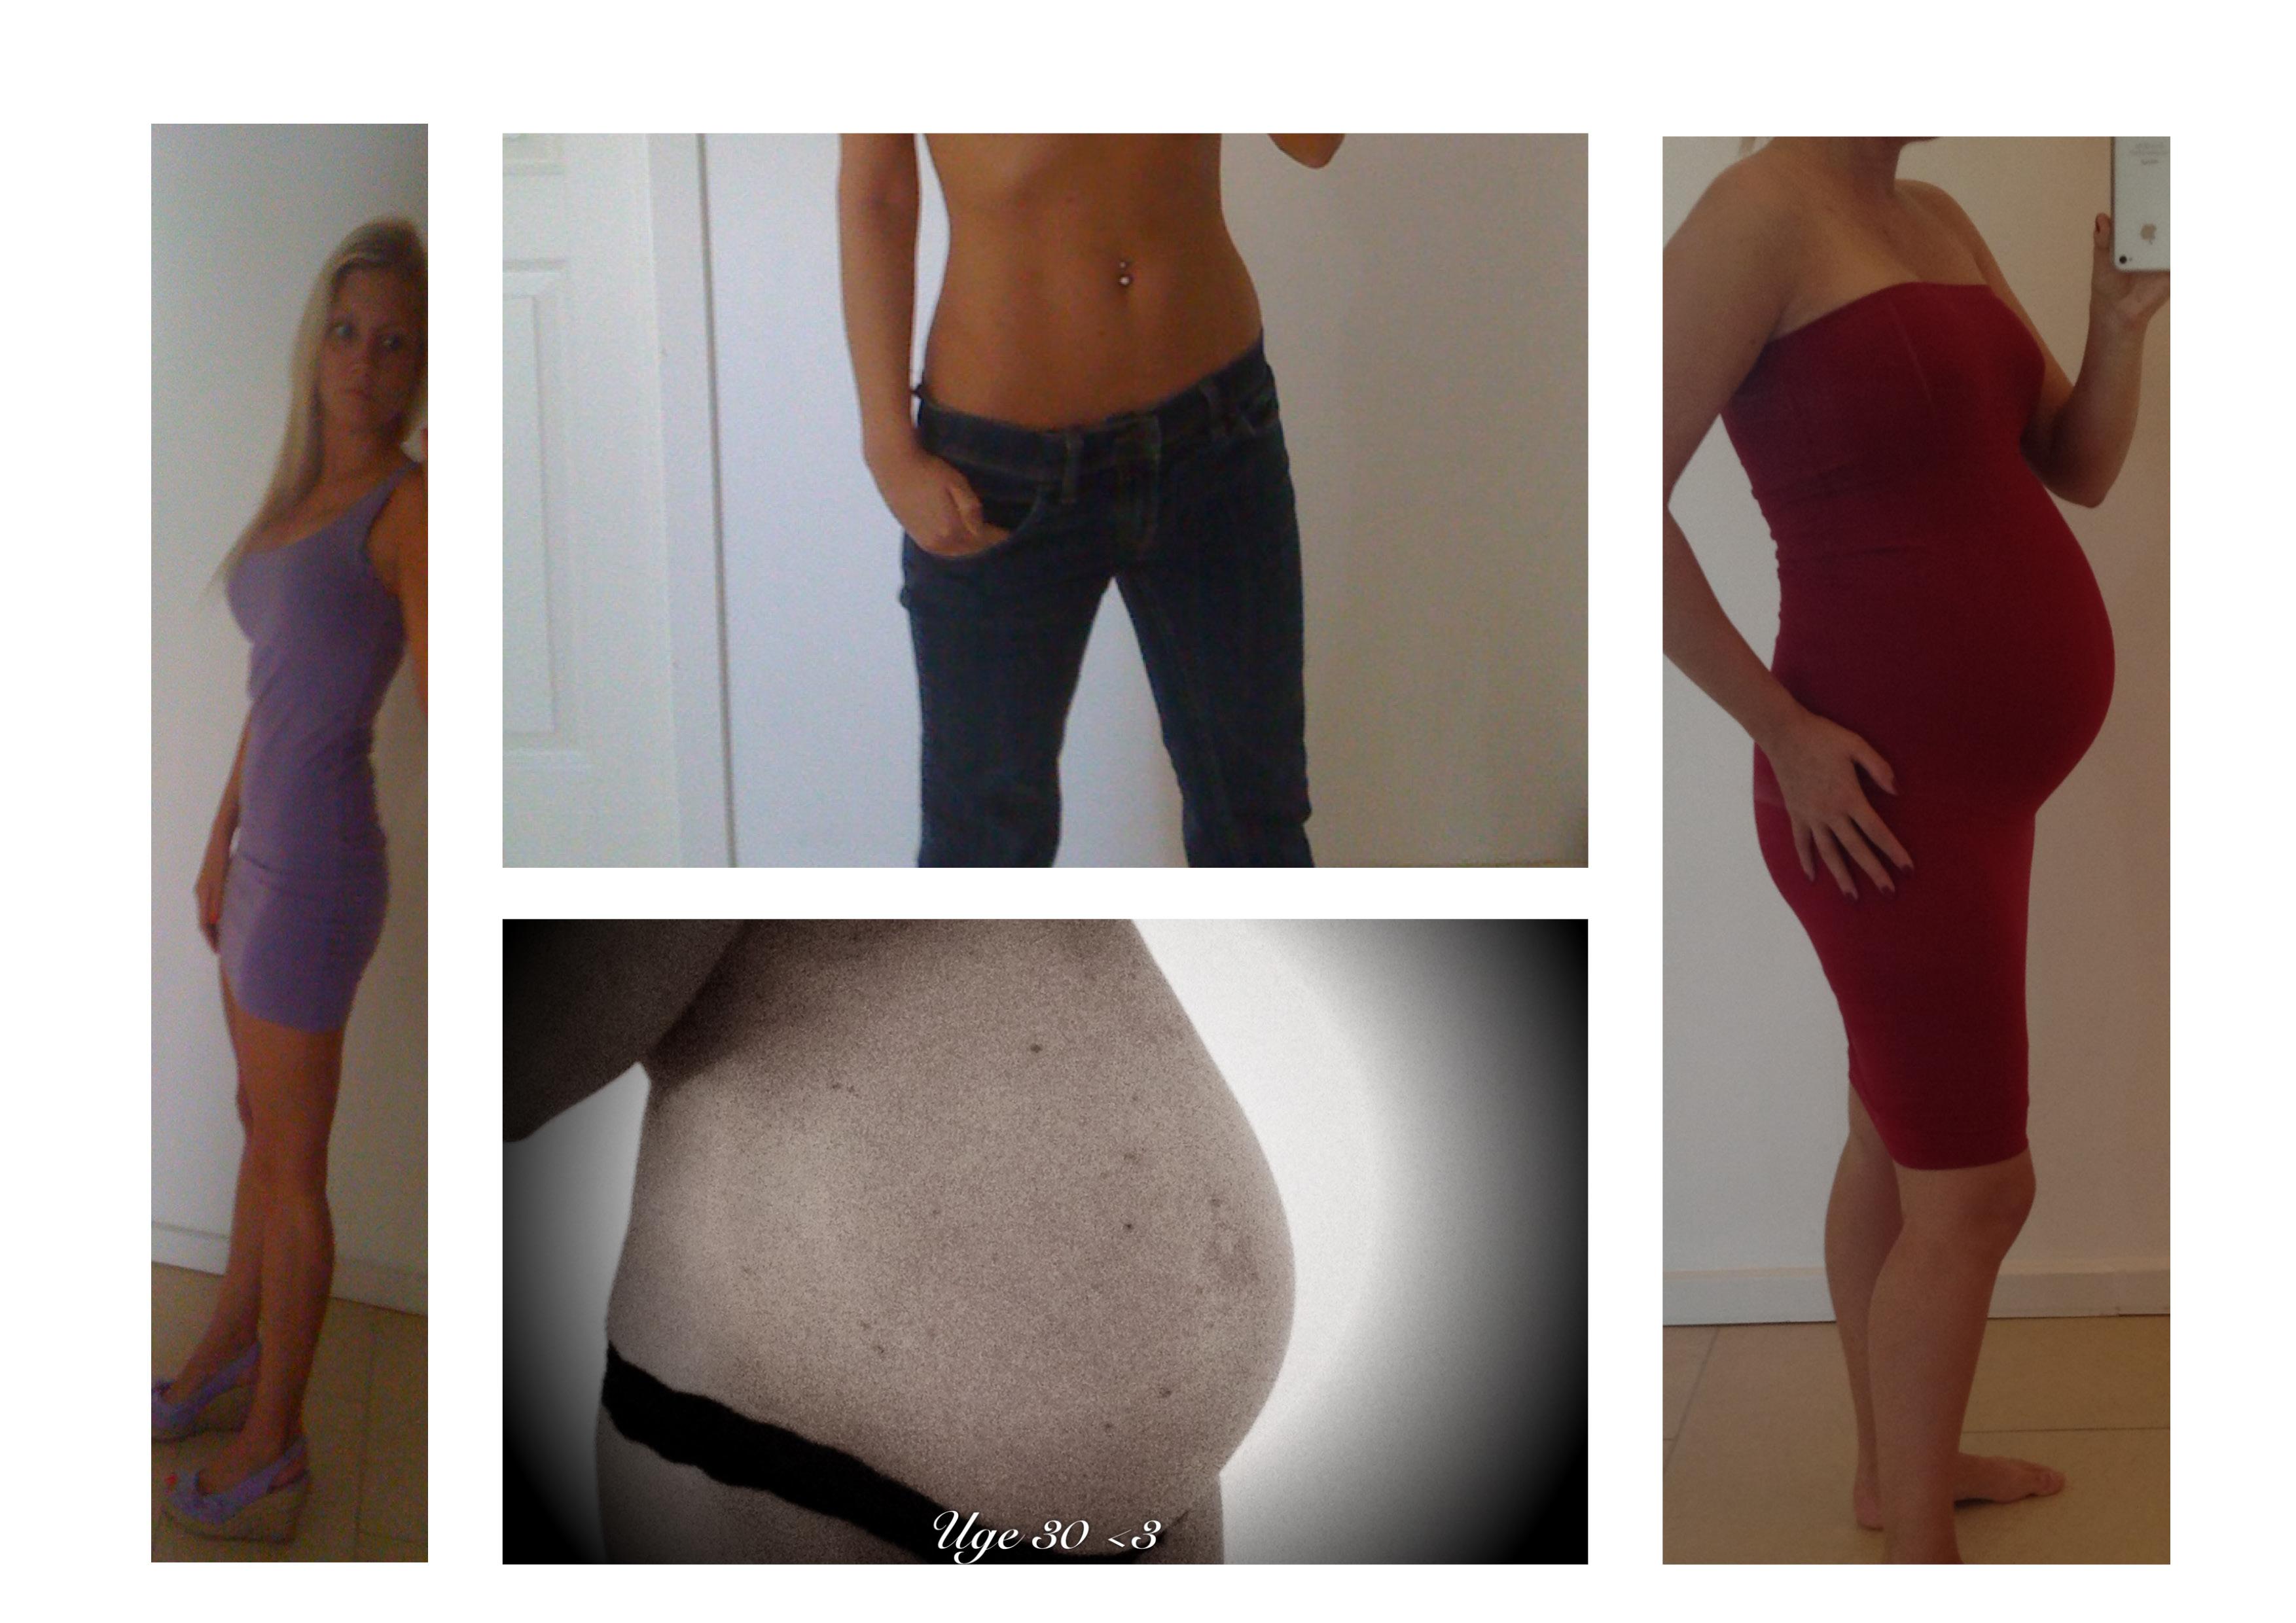 anatomiske implantater før og efter billeder tantra massage Fyn